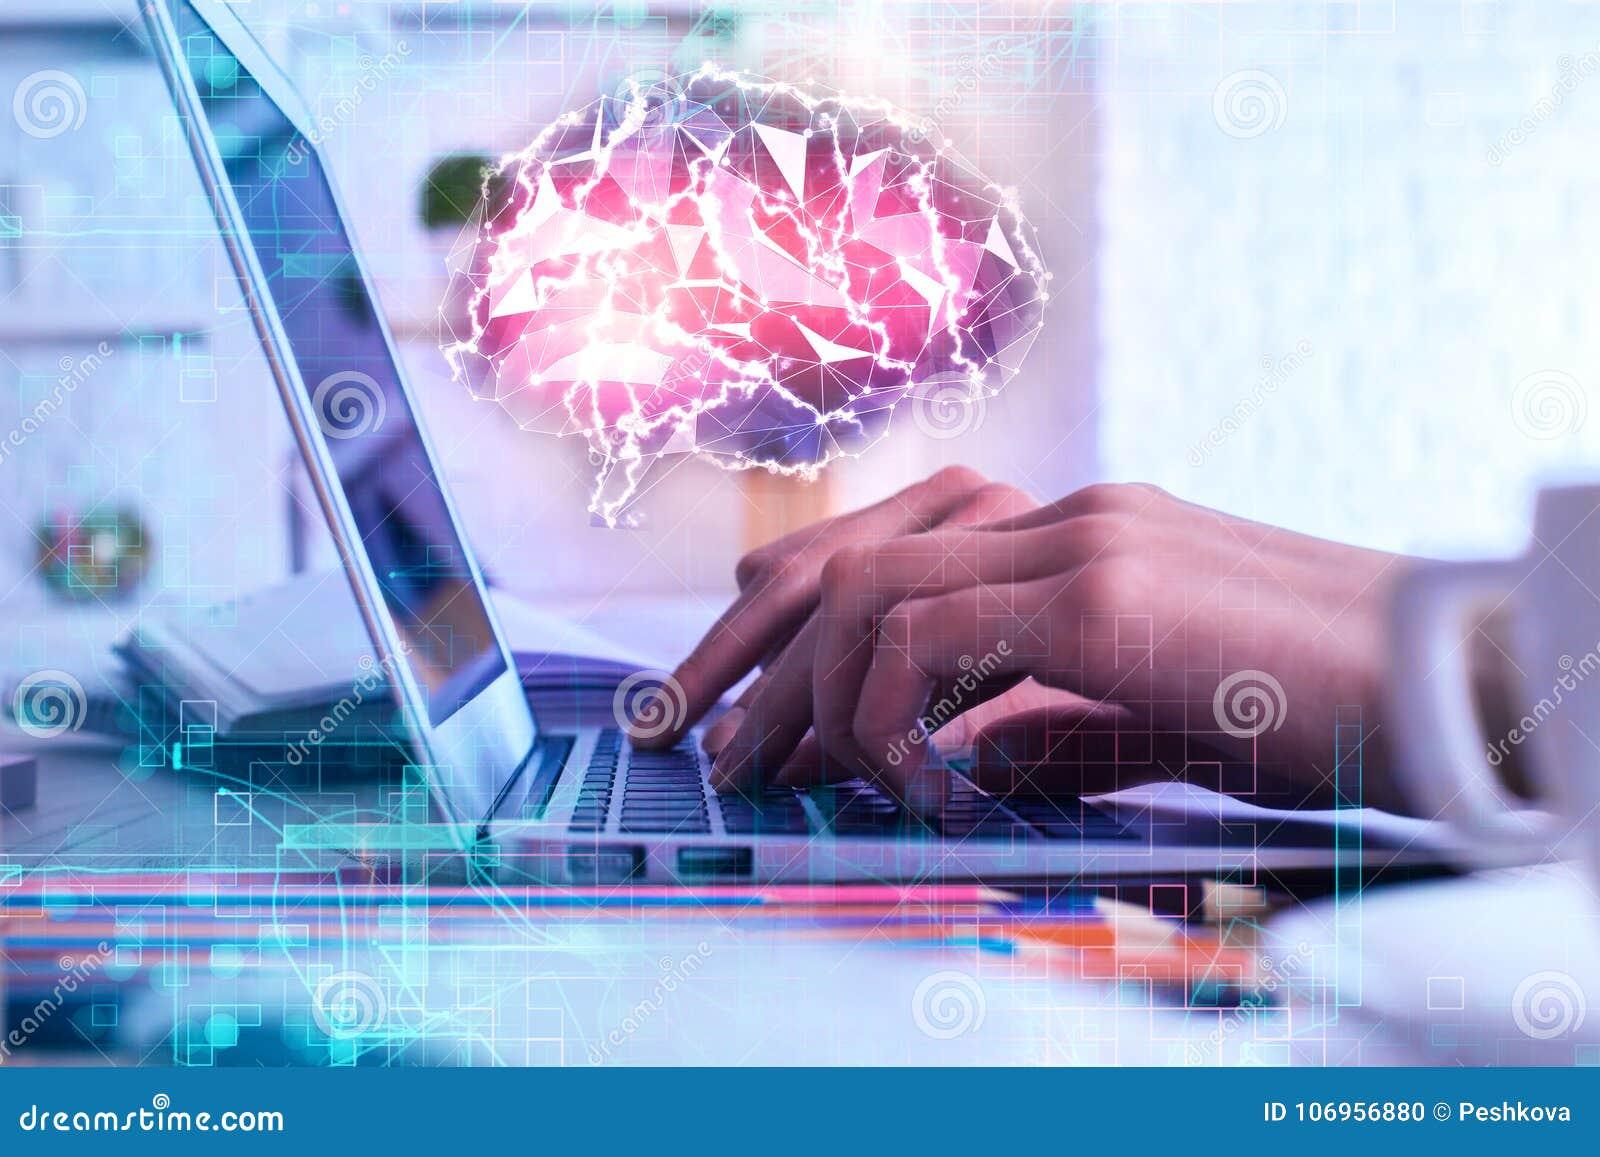 Kunstmatig hersenen en uitwisselings van ideeënconcept